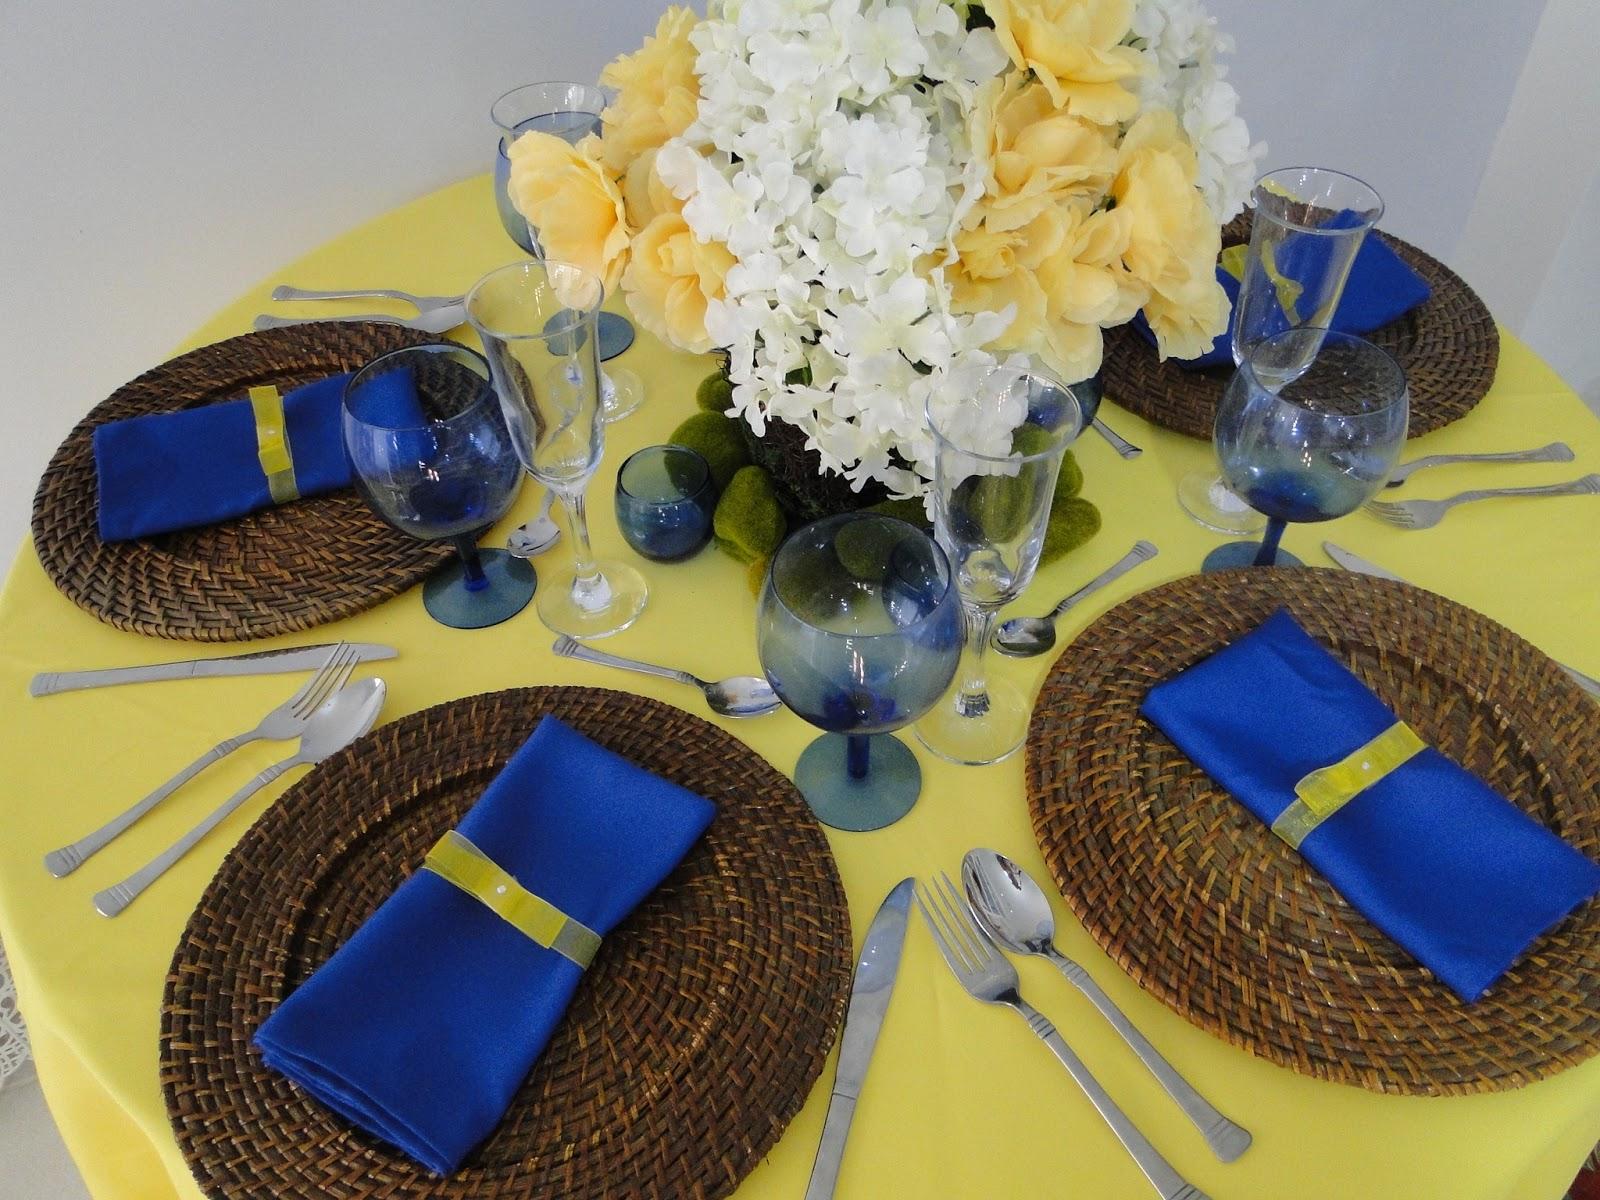 decoracao azul royal e amarelo casamento:Dia de festa é só alegria.: Amarelo ouro com azul royal